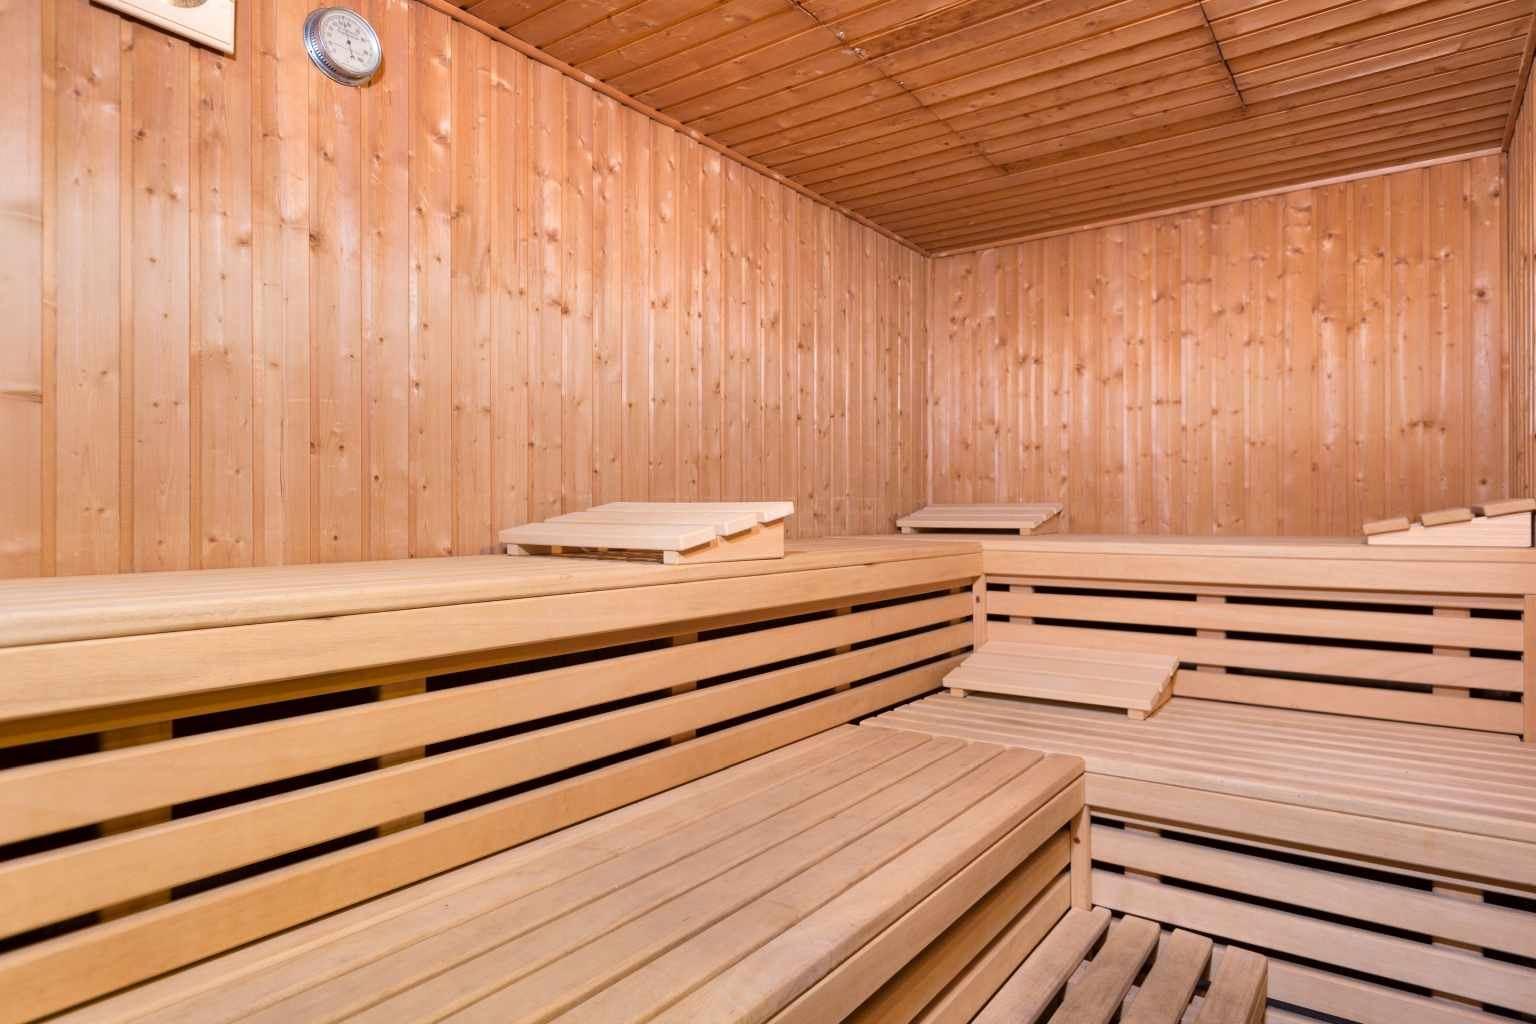 Sauna - St Peter Ording Bad, Haus Fritz Wischer Strasse 5, Wohnung 6